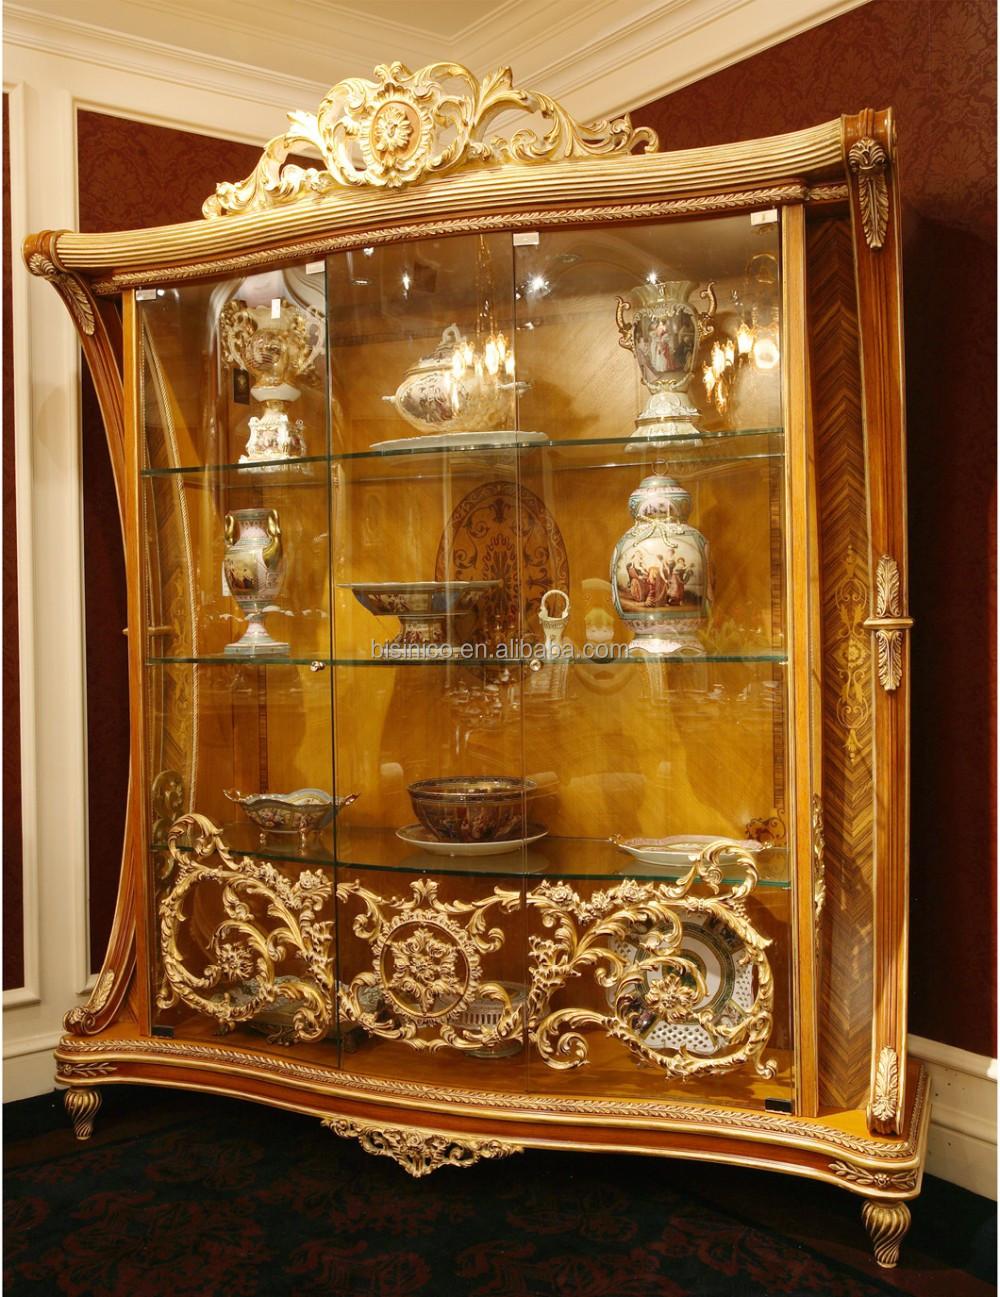 BISINI Italiaanse Elegante Barokke Marquetry Eetkamer Meubels ...